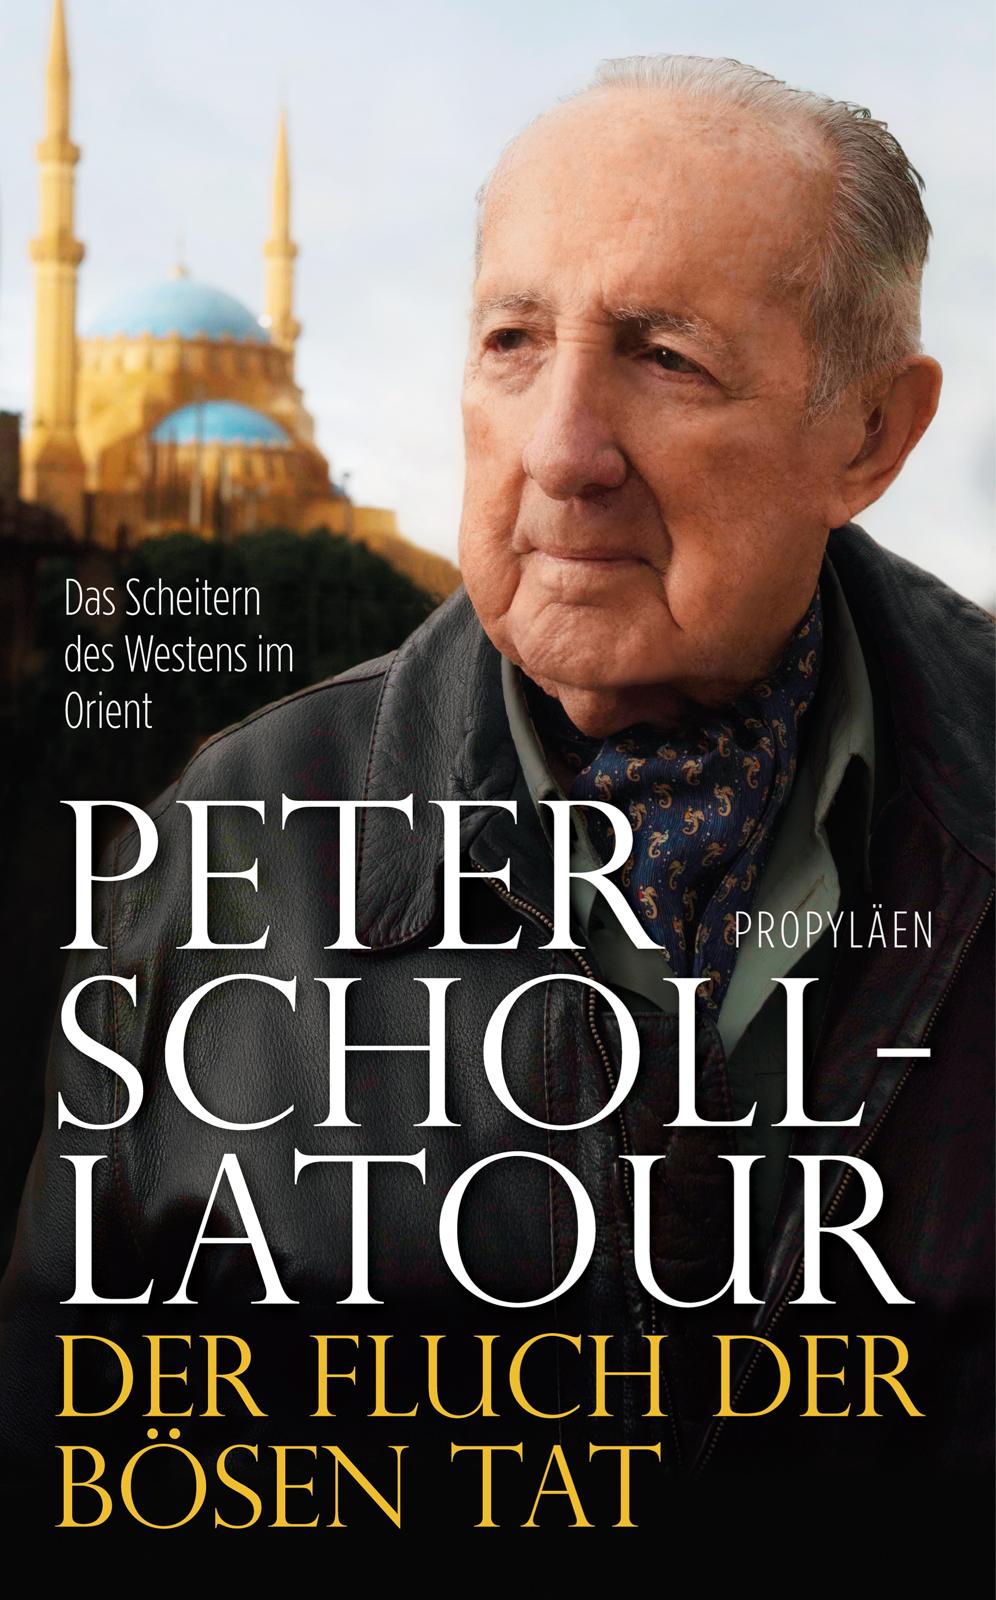 Der Fluch der bösen Tat: Das Scheitern des Westens im Orient - Peter Scholl-Latour [Gebundene Ausgabe]